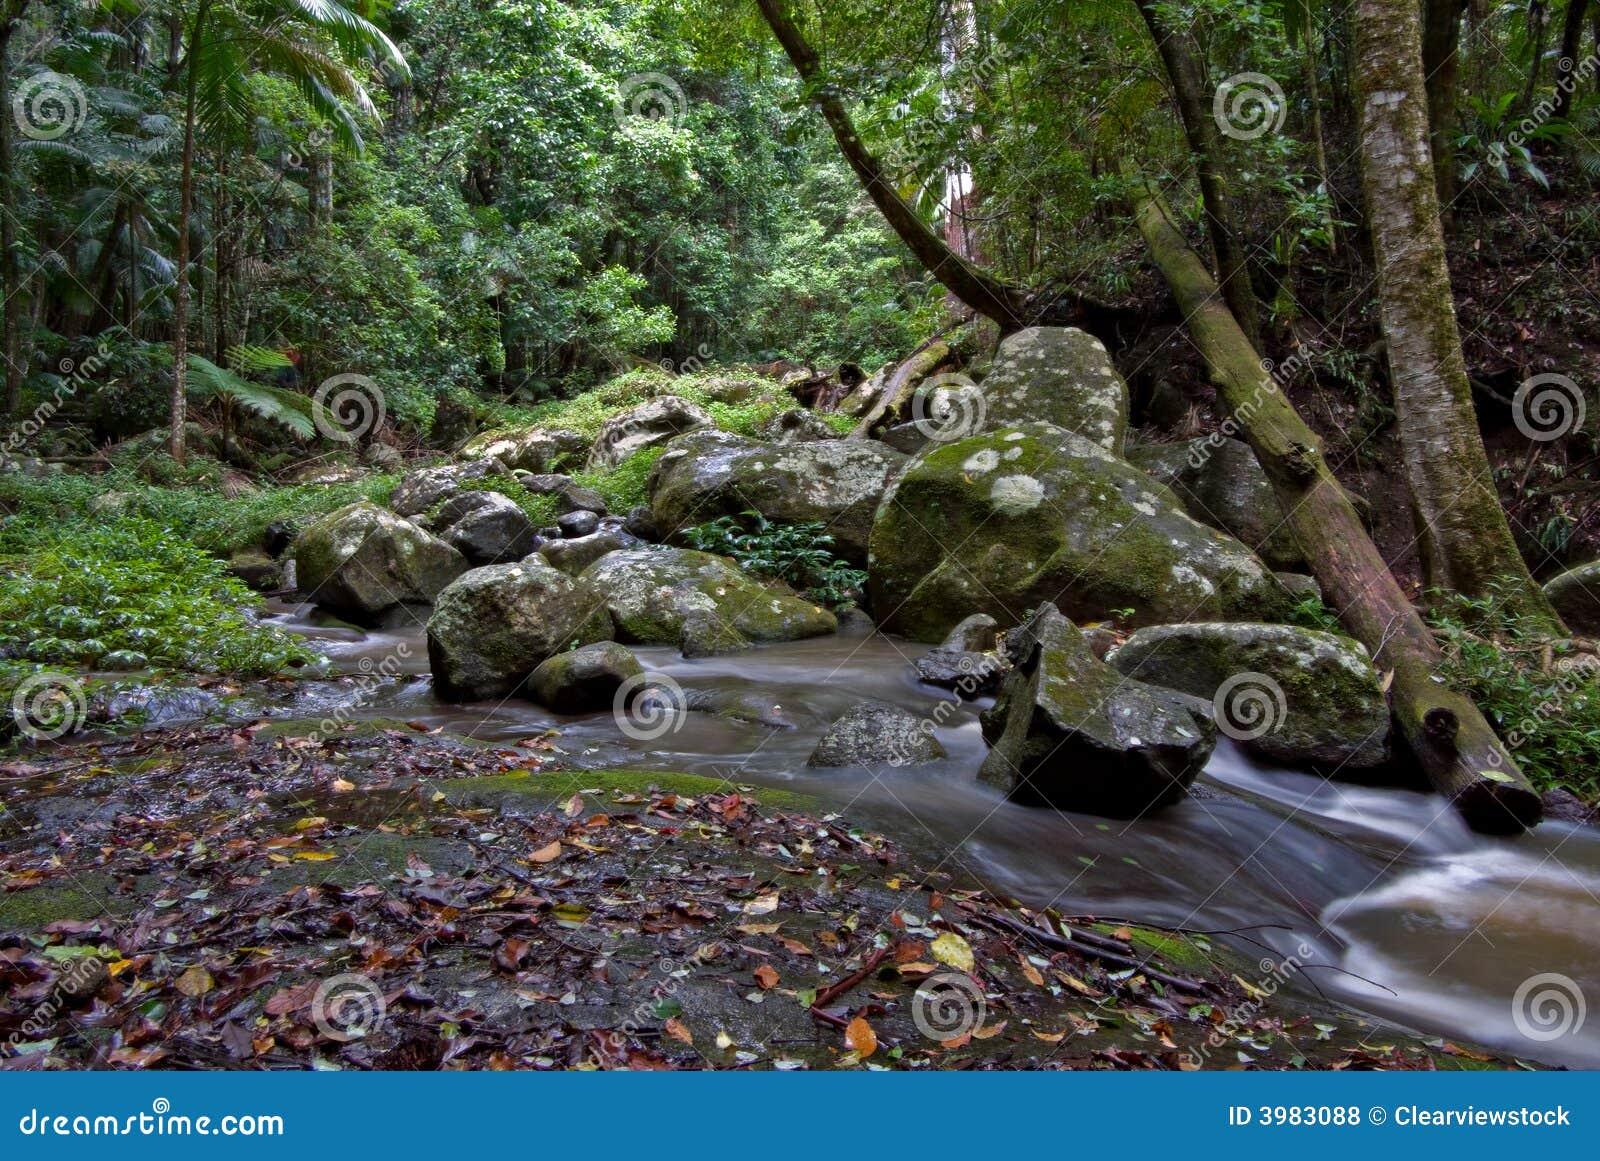 Árboles y secuencia de la selva tropical